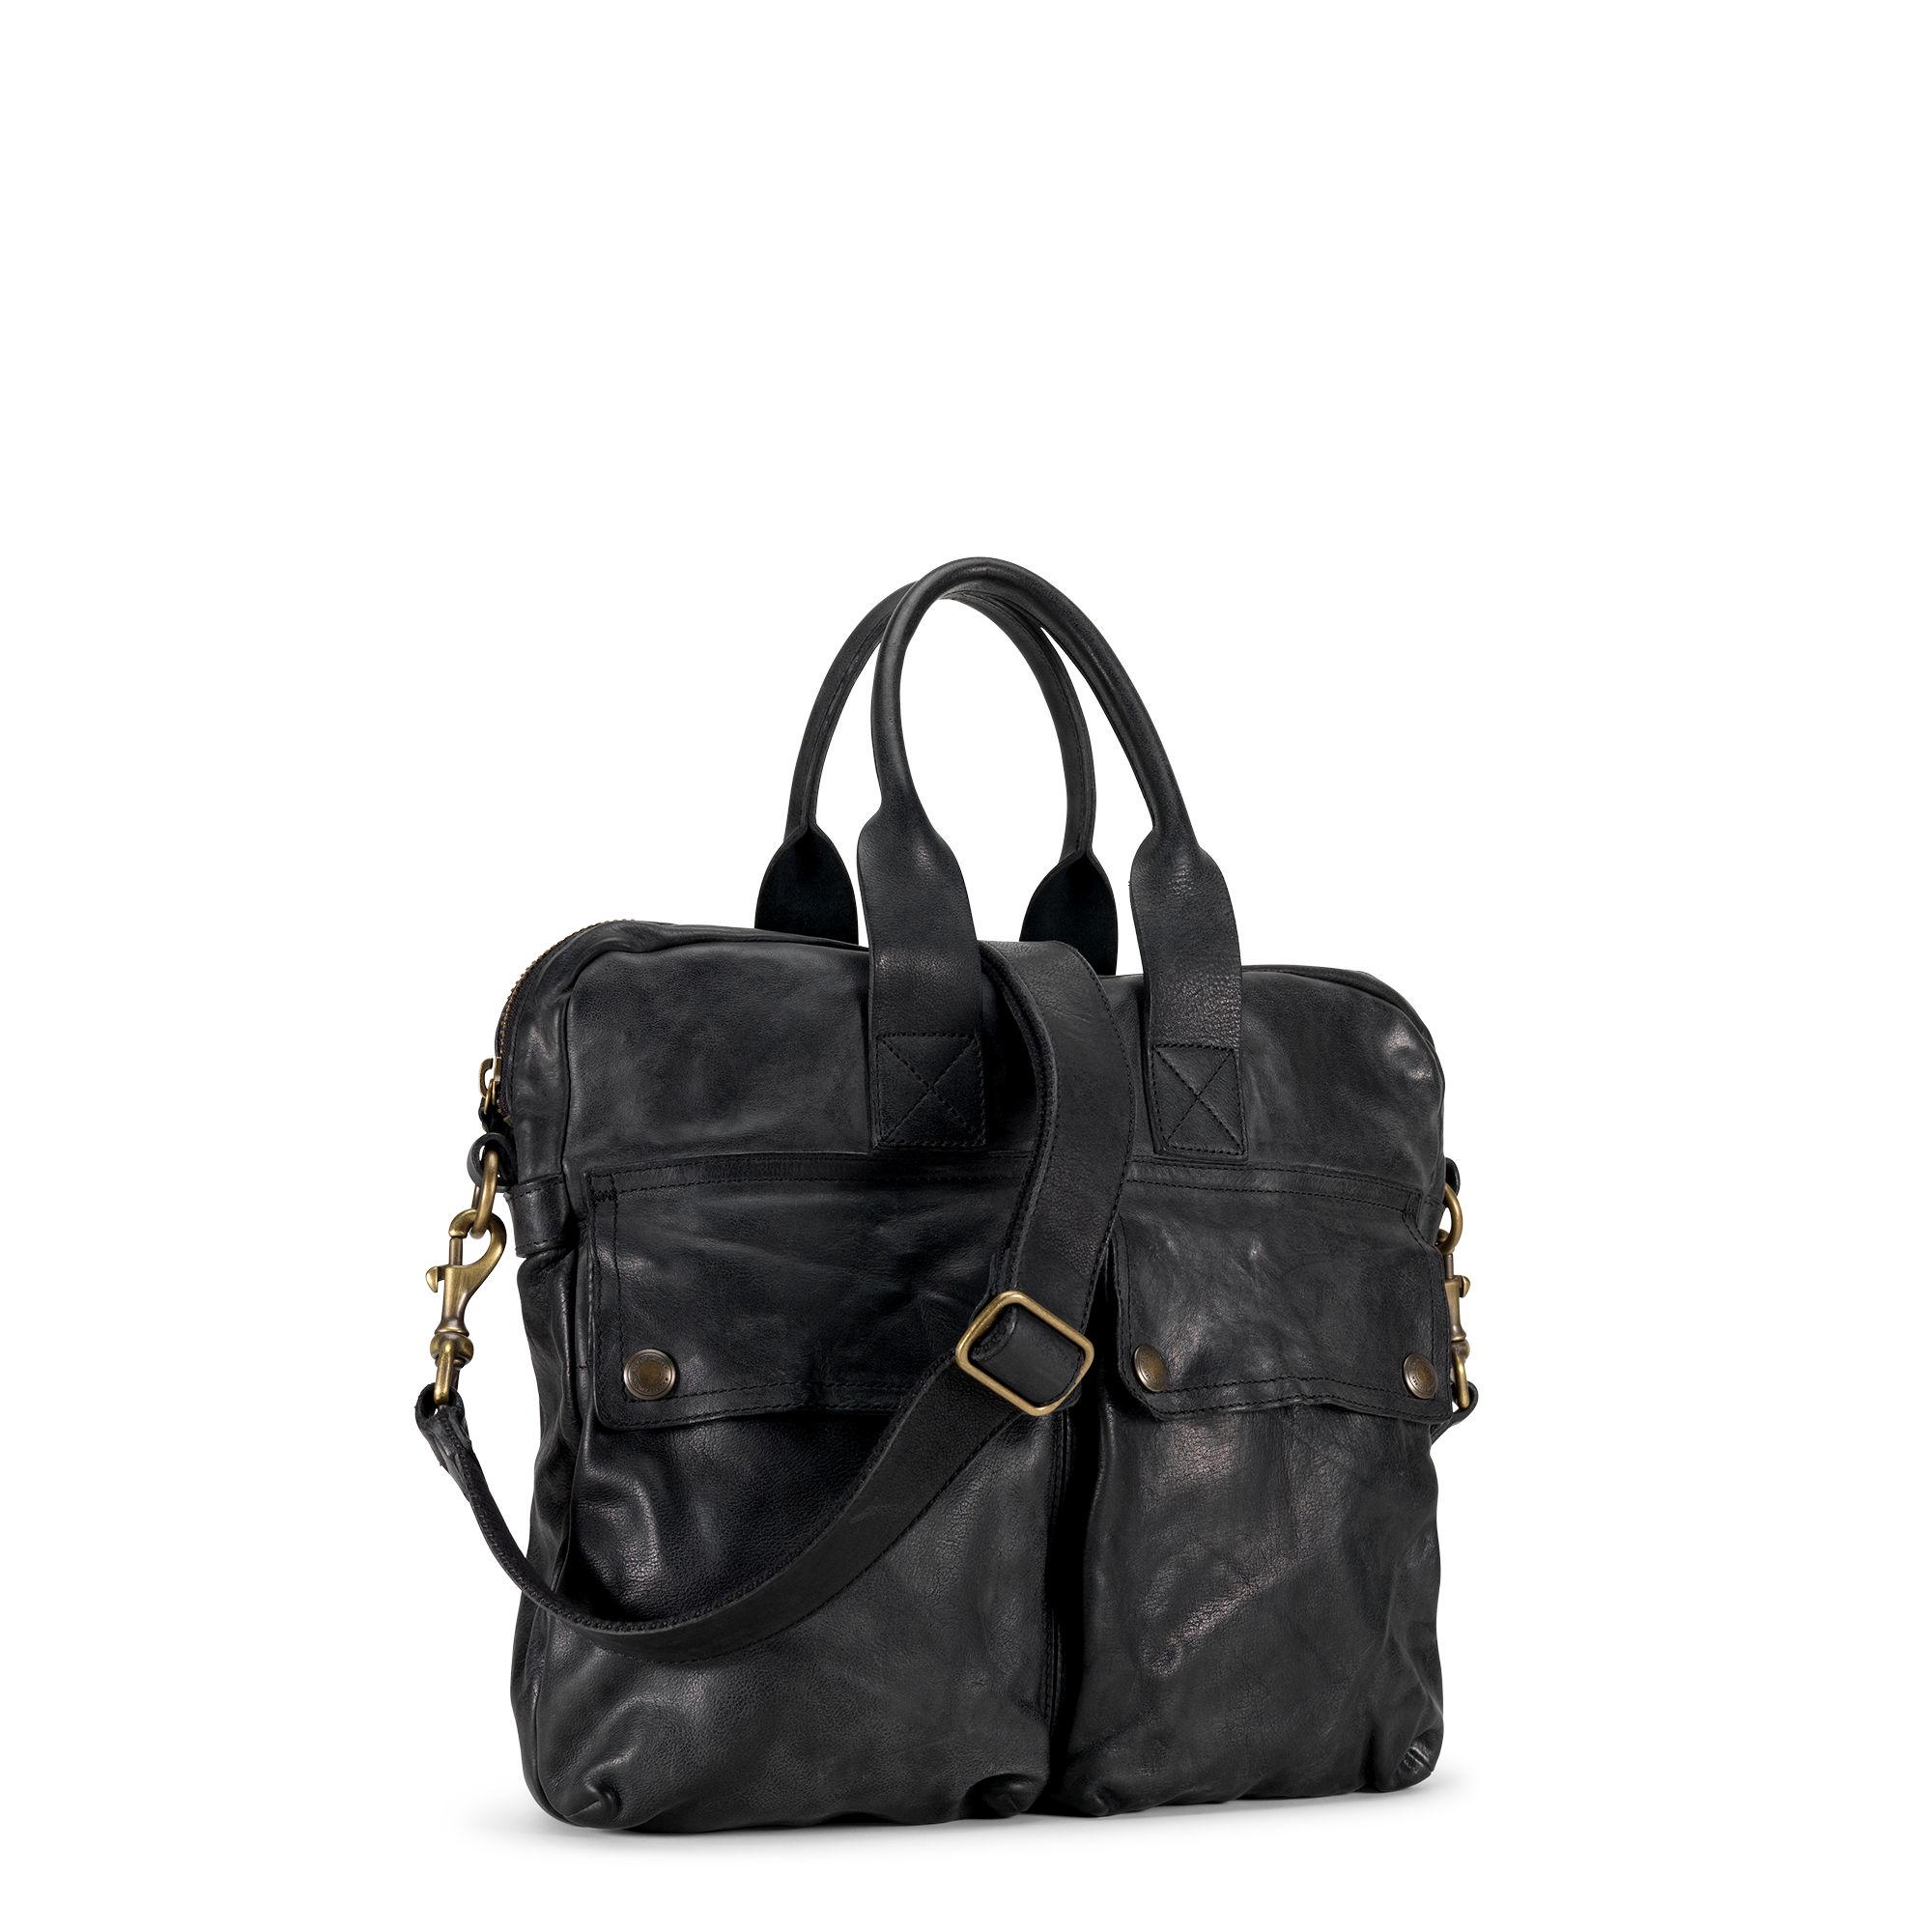 b75ea646cb Polo Ralph Lauren Leather Helmet Bag in Black for Men - Lyst